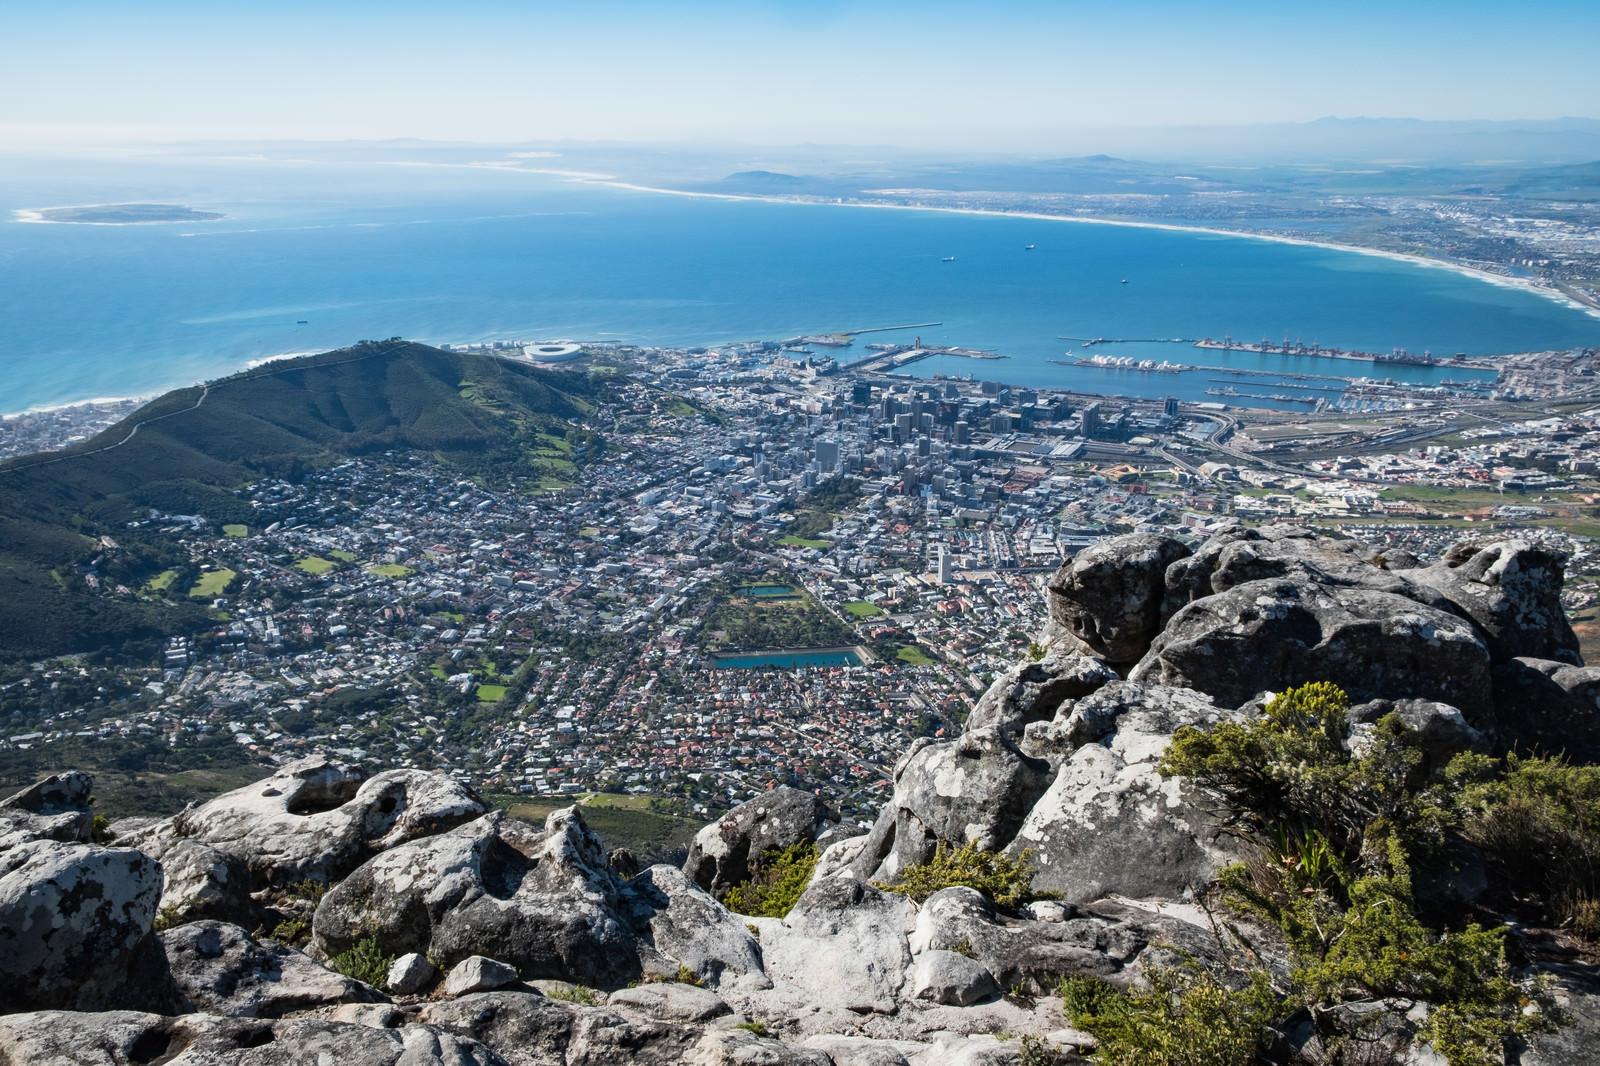 「テーブルマウンテン頂上から眼下に望むケープタウンの大パノラマ(南アフリカ)」の写真